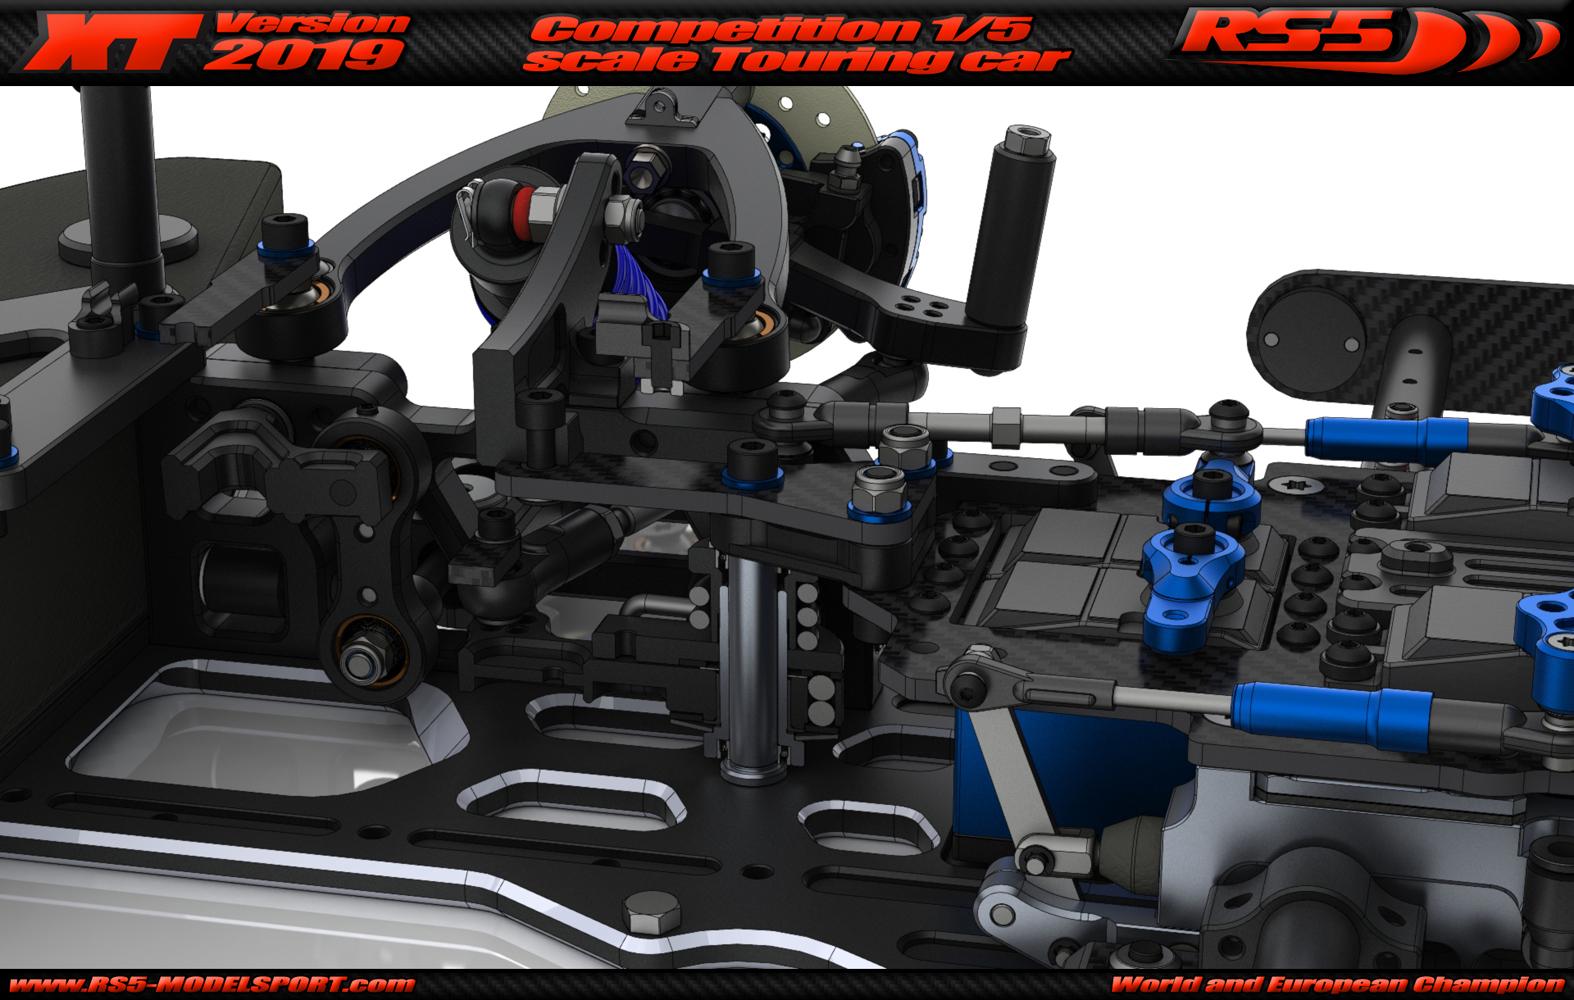 RS5-XT2019 RC unit